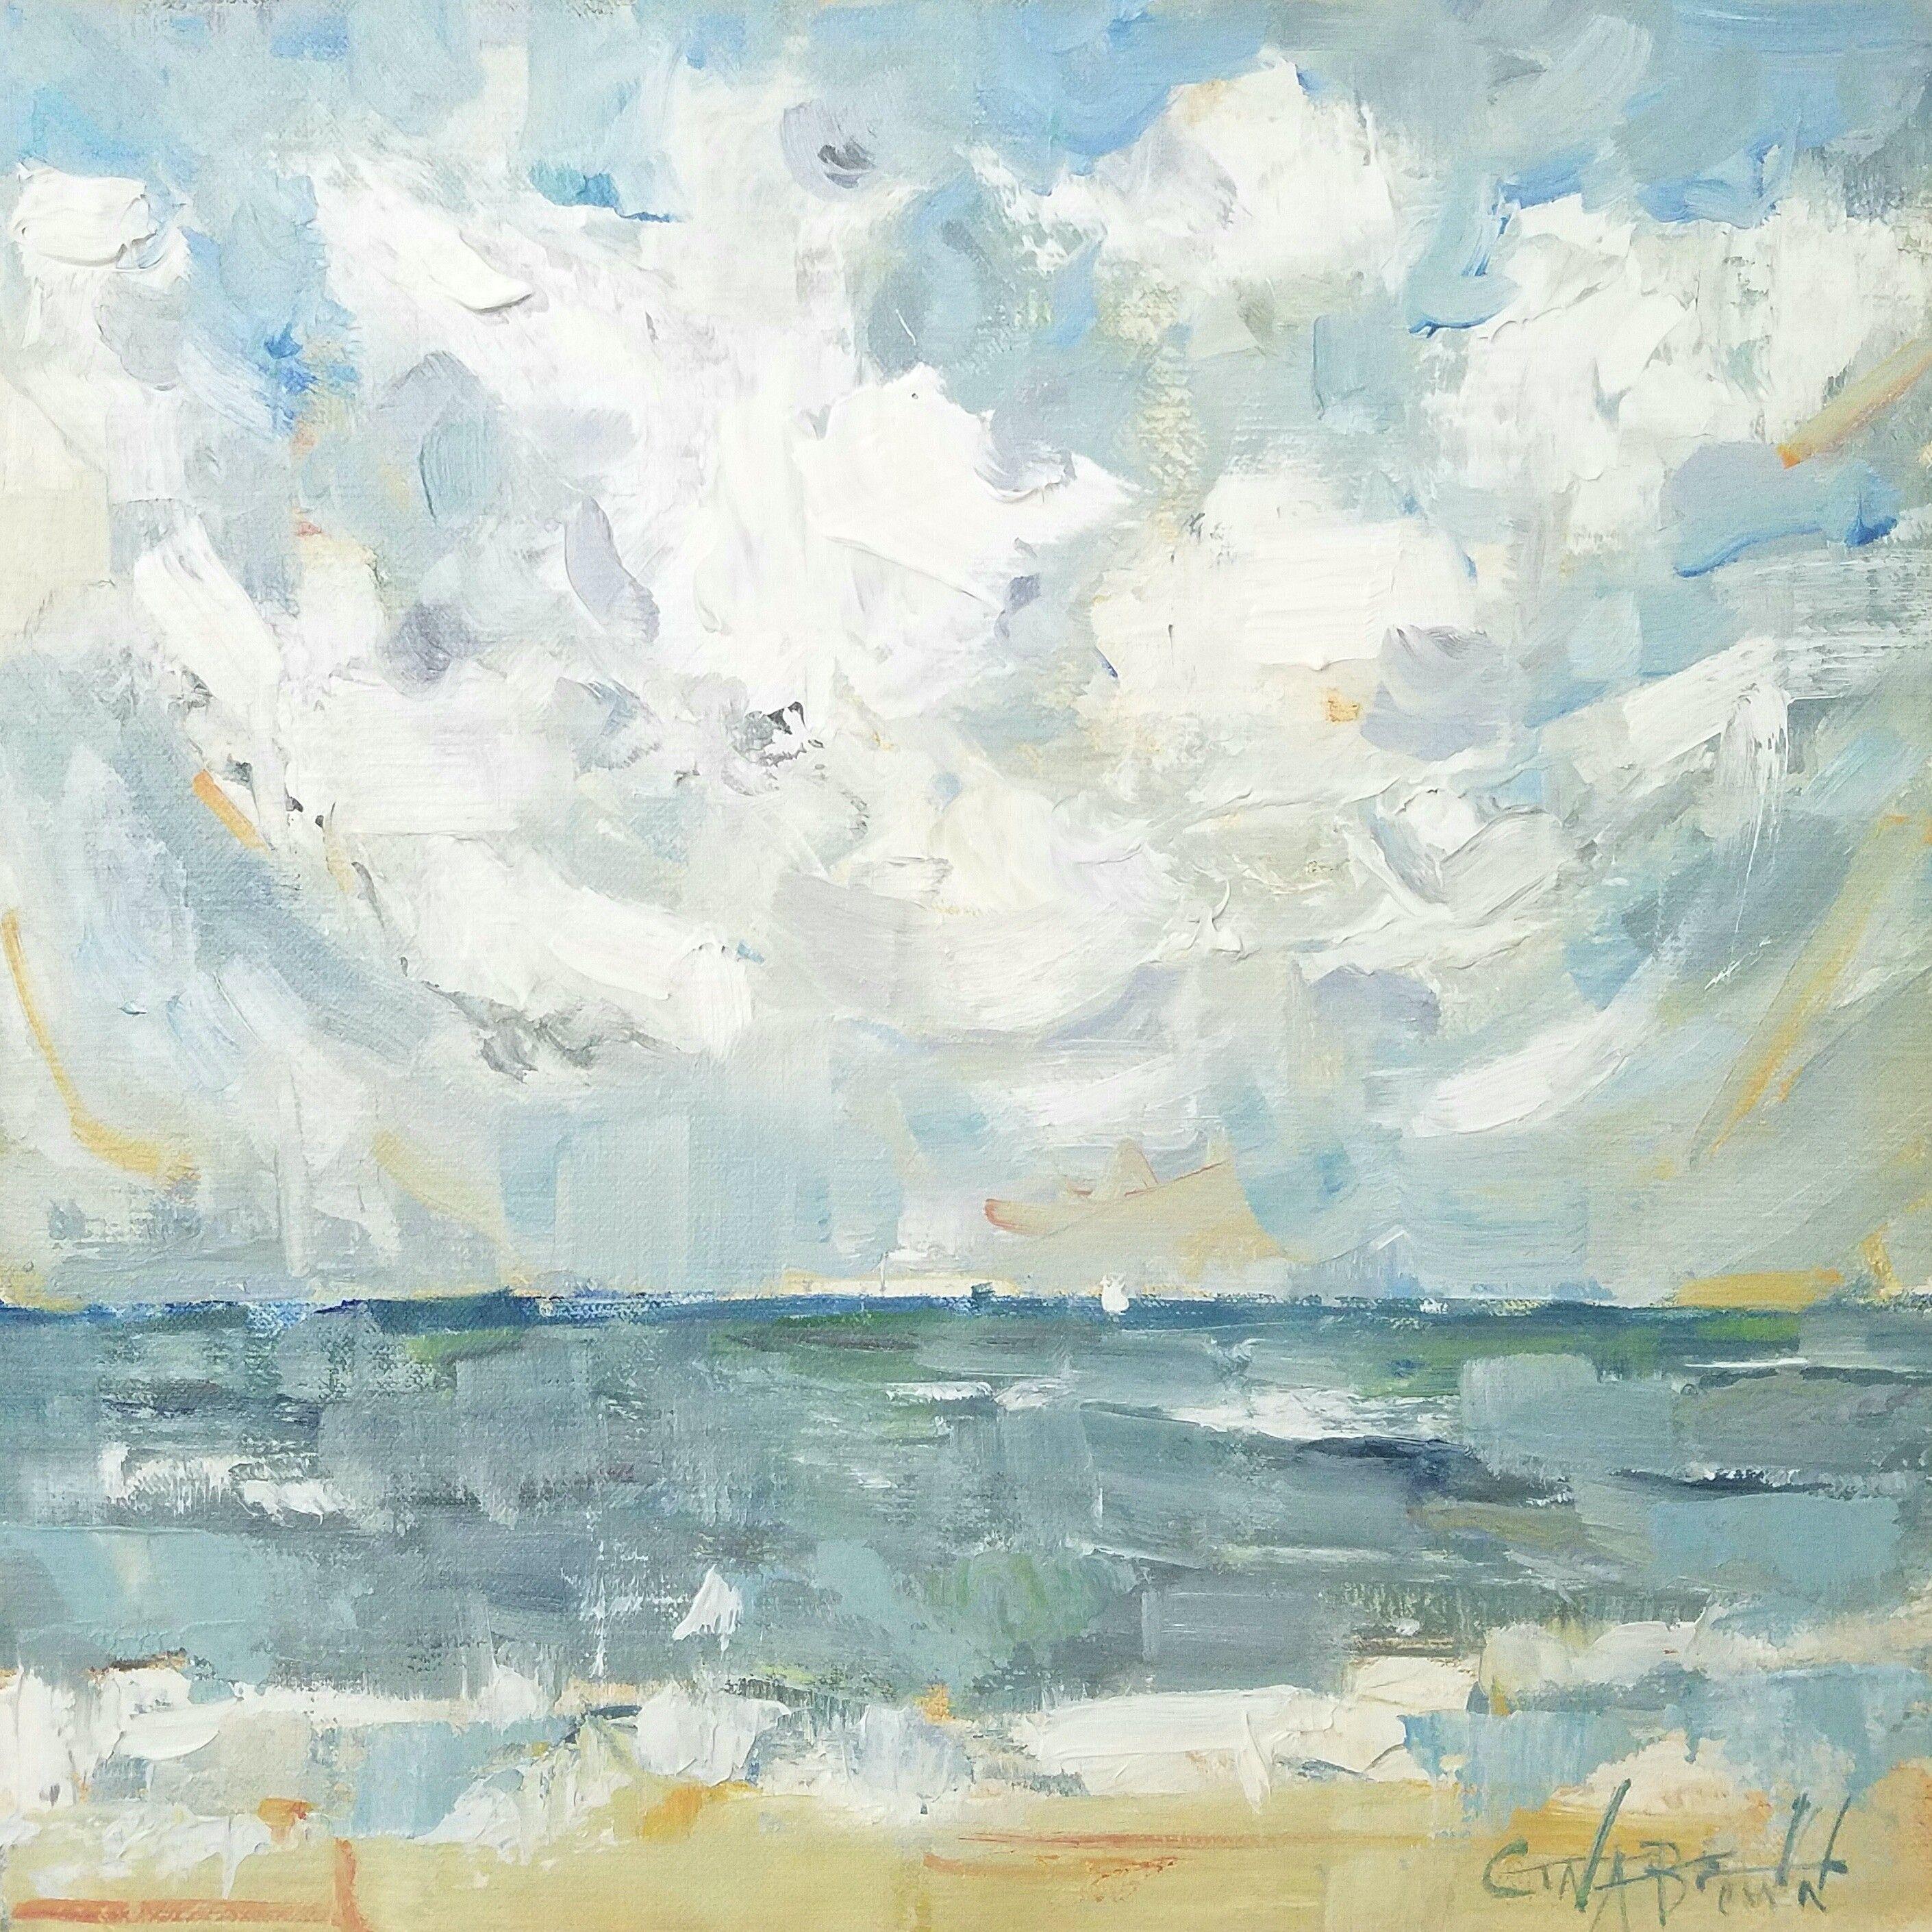 Ocean Soft Soothing Colors Of The Ocean Oil Painting Impressionistic Painting Painting Of Ocean By A Oil Painting Landscape Ocean Painting Seascapes Art